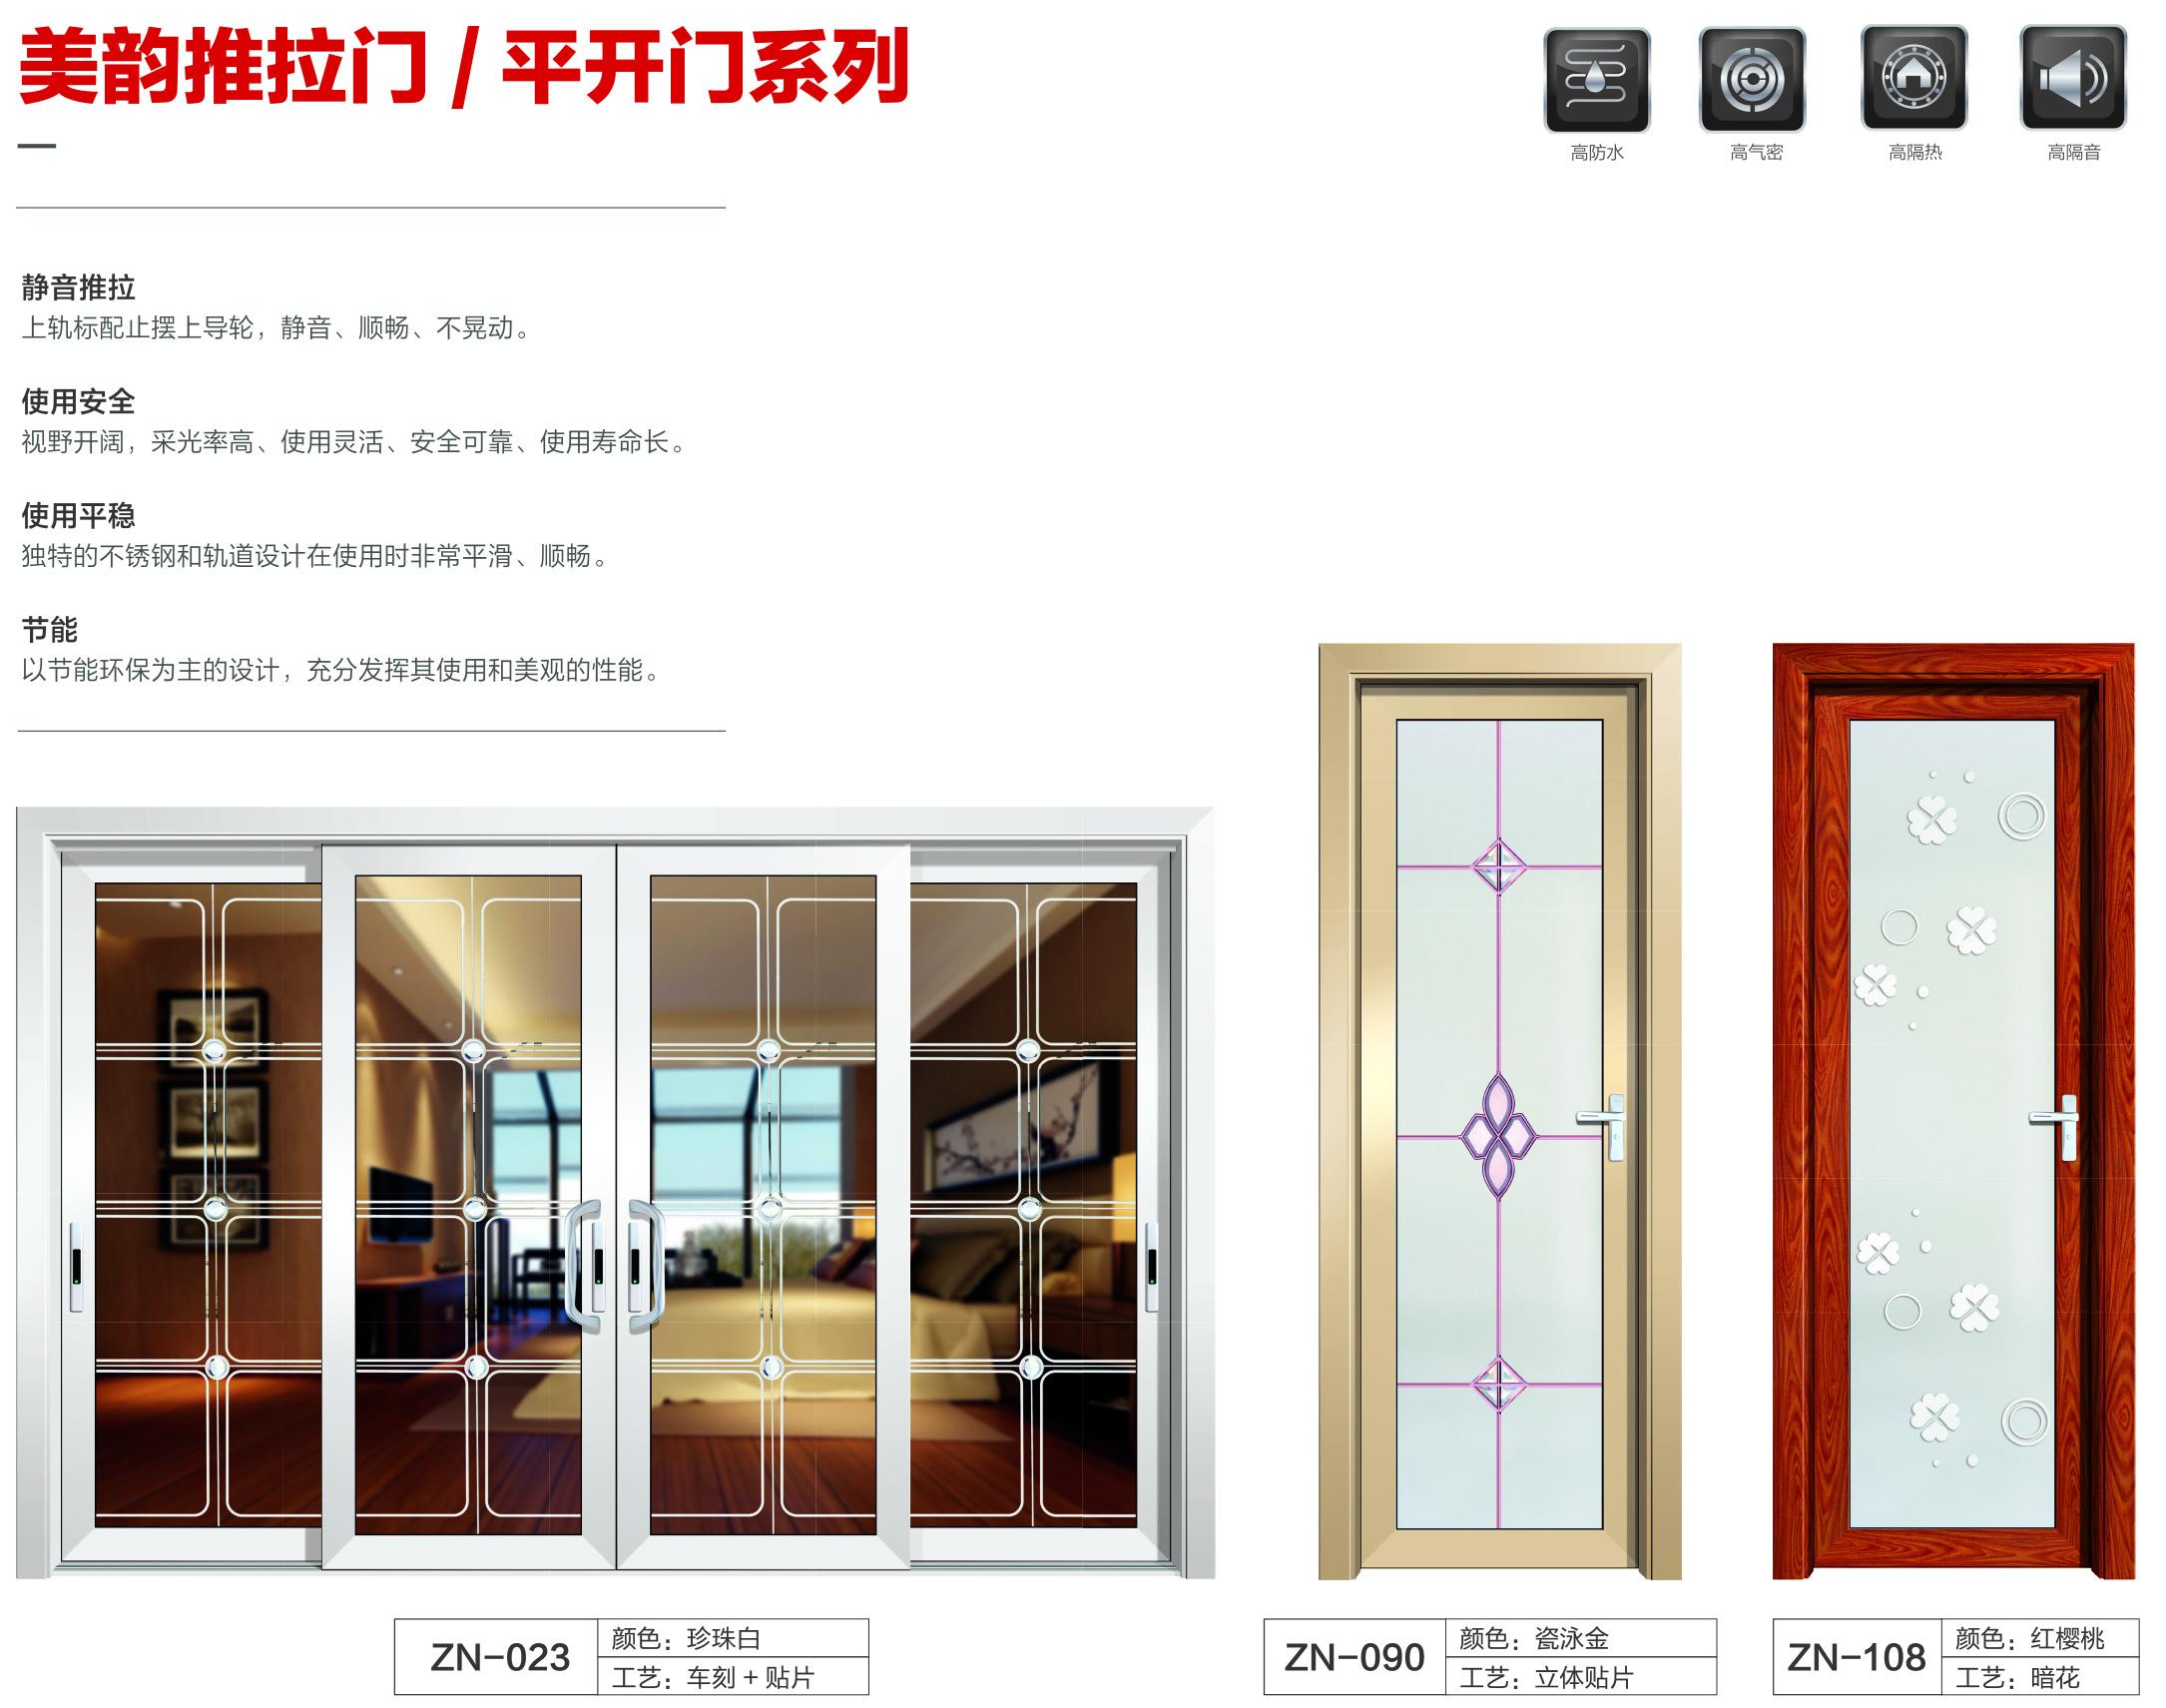 广东执念门窗亮相成都beplay注册会,源于德国品质 打造高端门窗(图8)